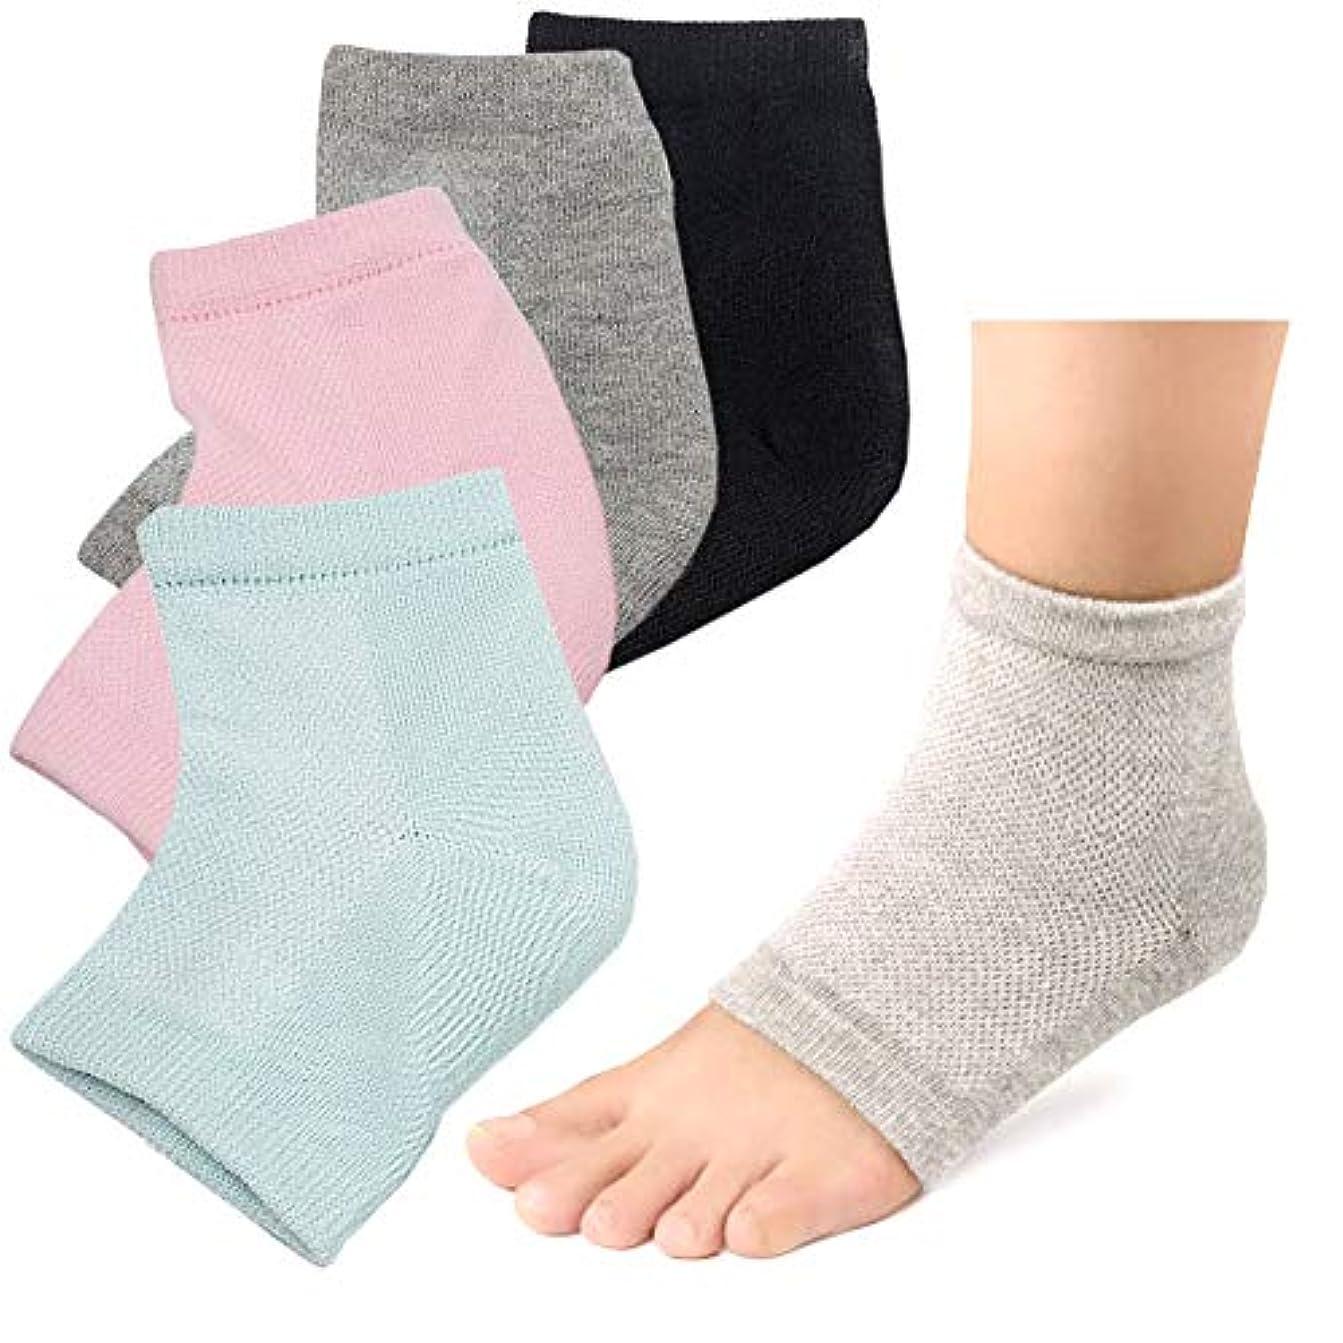 パンフレット拡散する厄介なかかと 靴下 ソックス つるつる 2足セット かかとケア かかとサポーター ひび割れ対策 角質ケア (ピンク/グリーン)